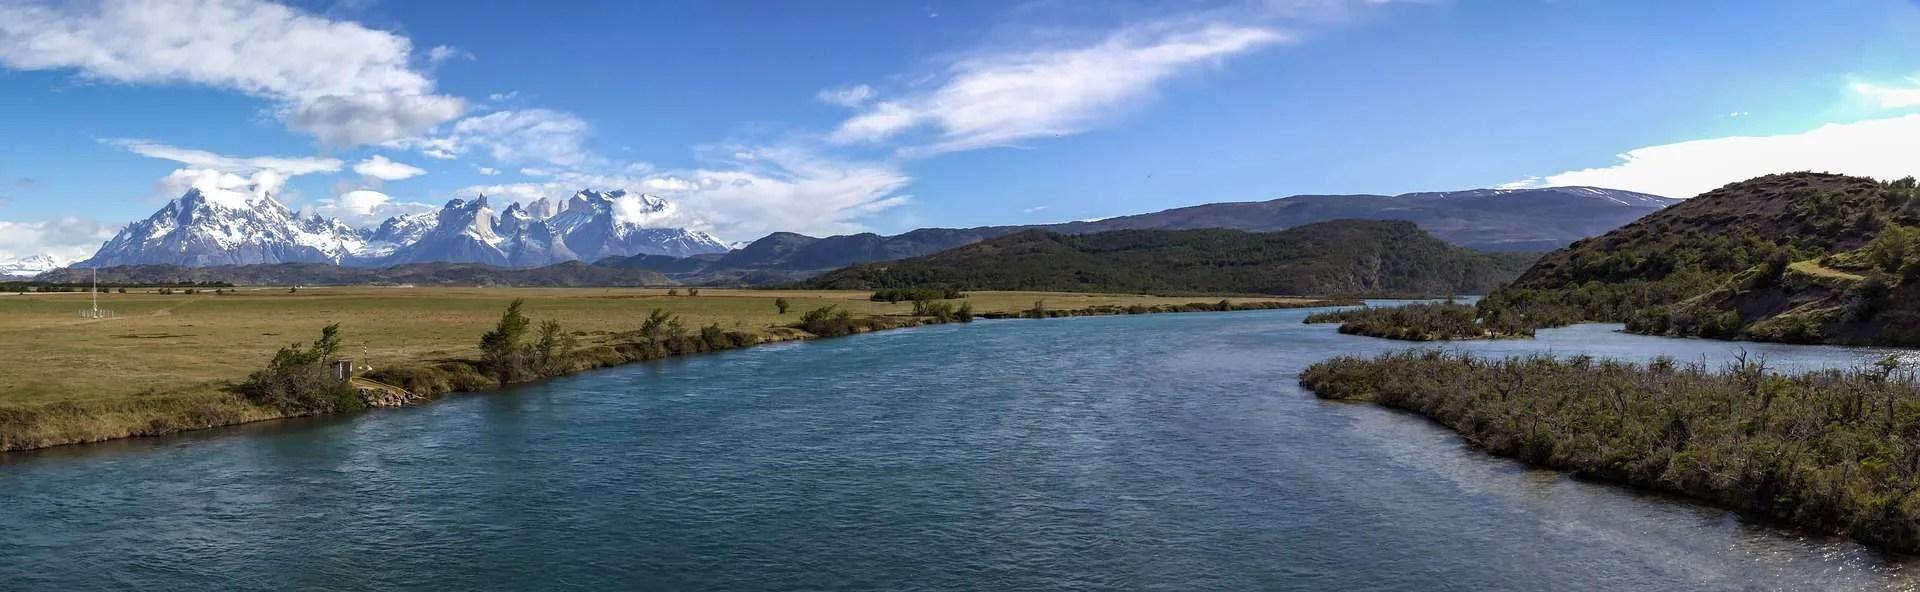 Dalla Patagonia al Marocco: 5 trekking all'estero che sogno di percorrere